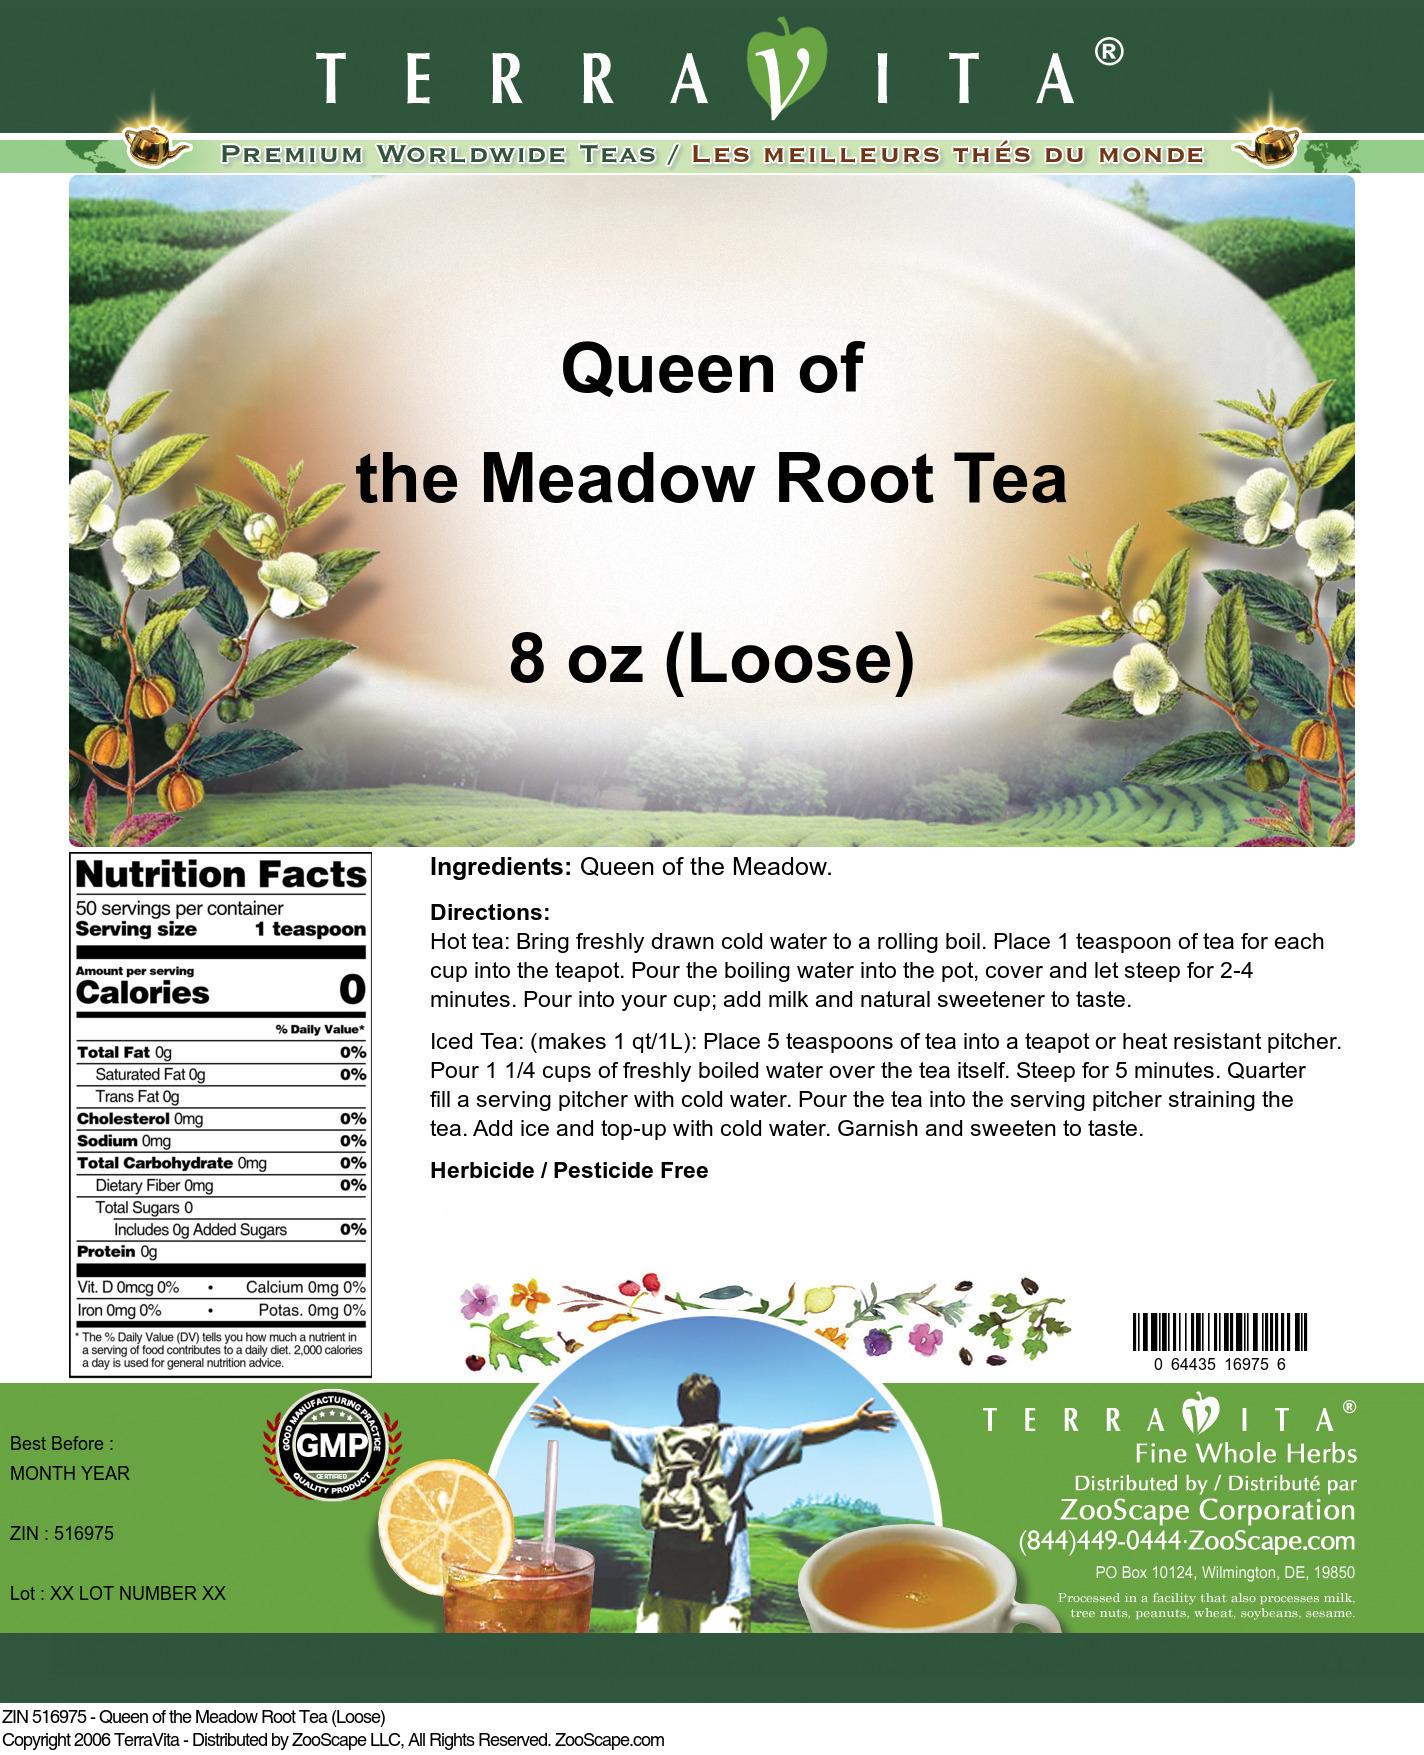 Queen of the Meadow Root Tea (Loose)